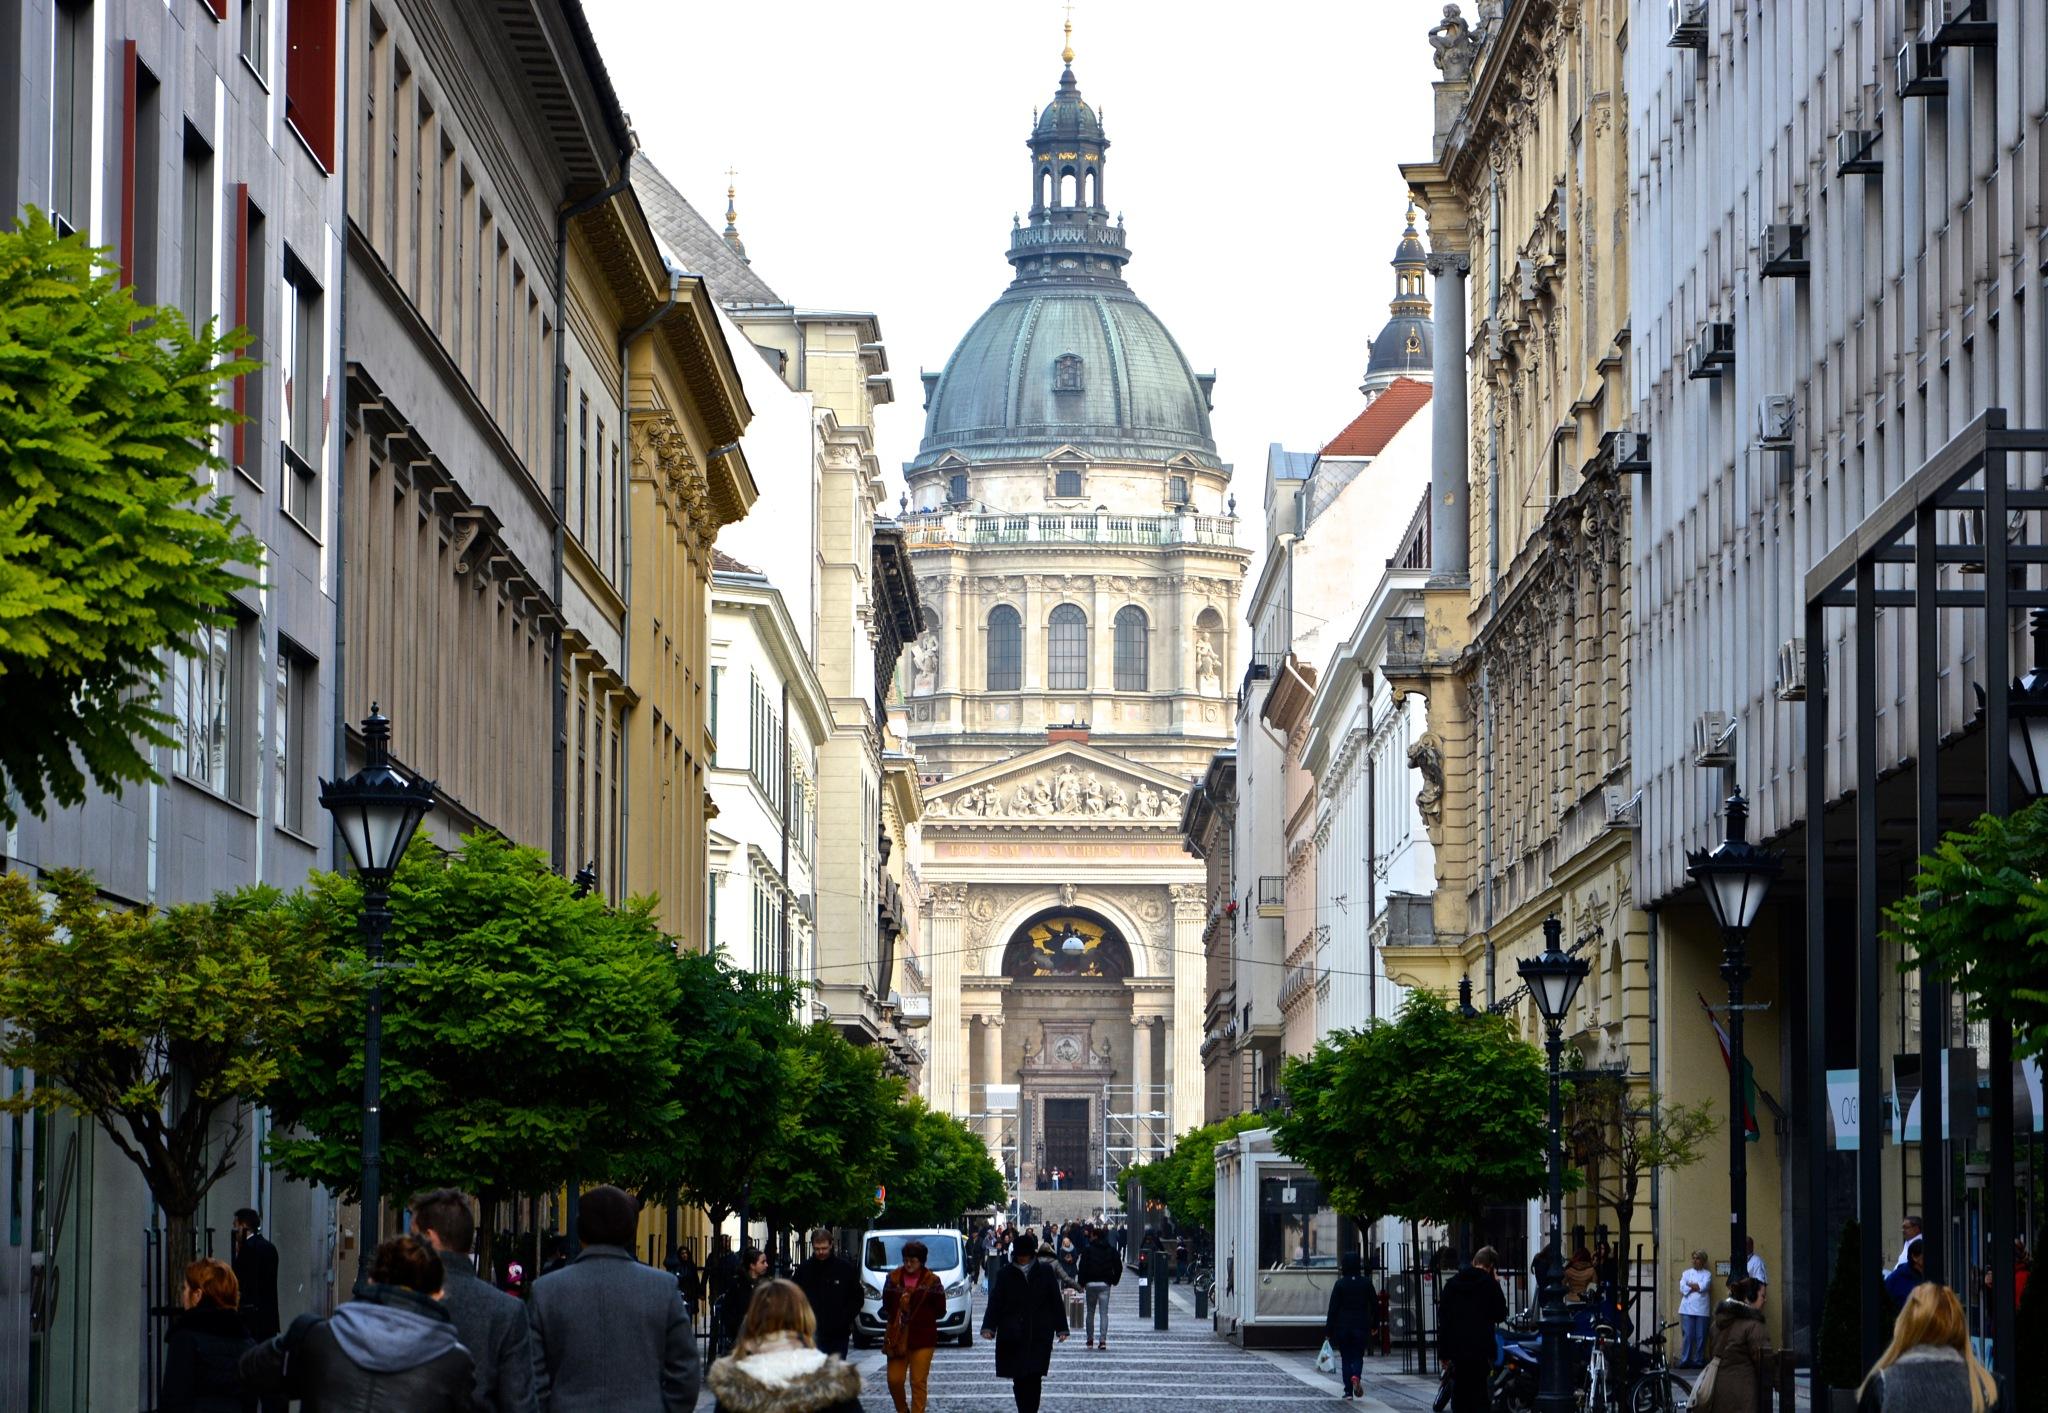 Budapest.  Hungary  by ovsik174